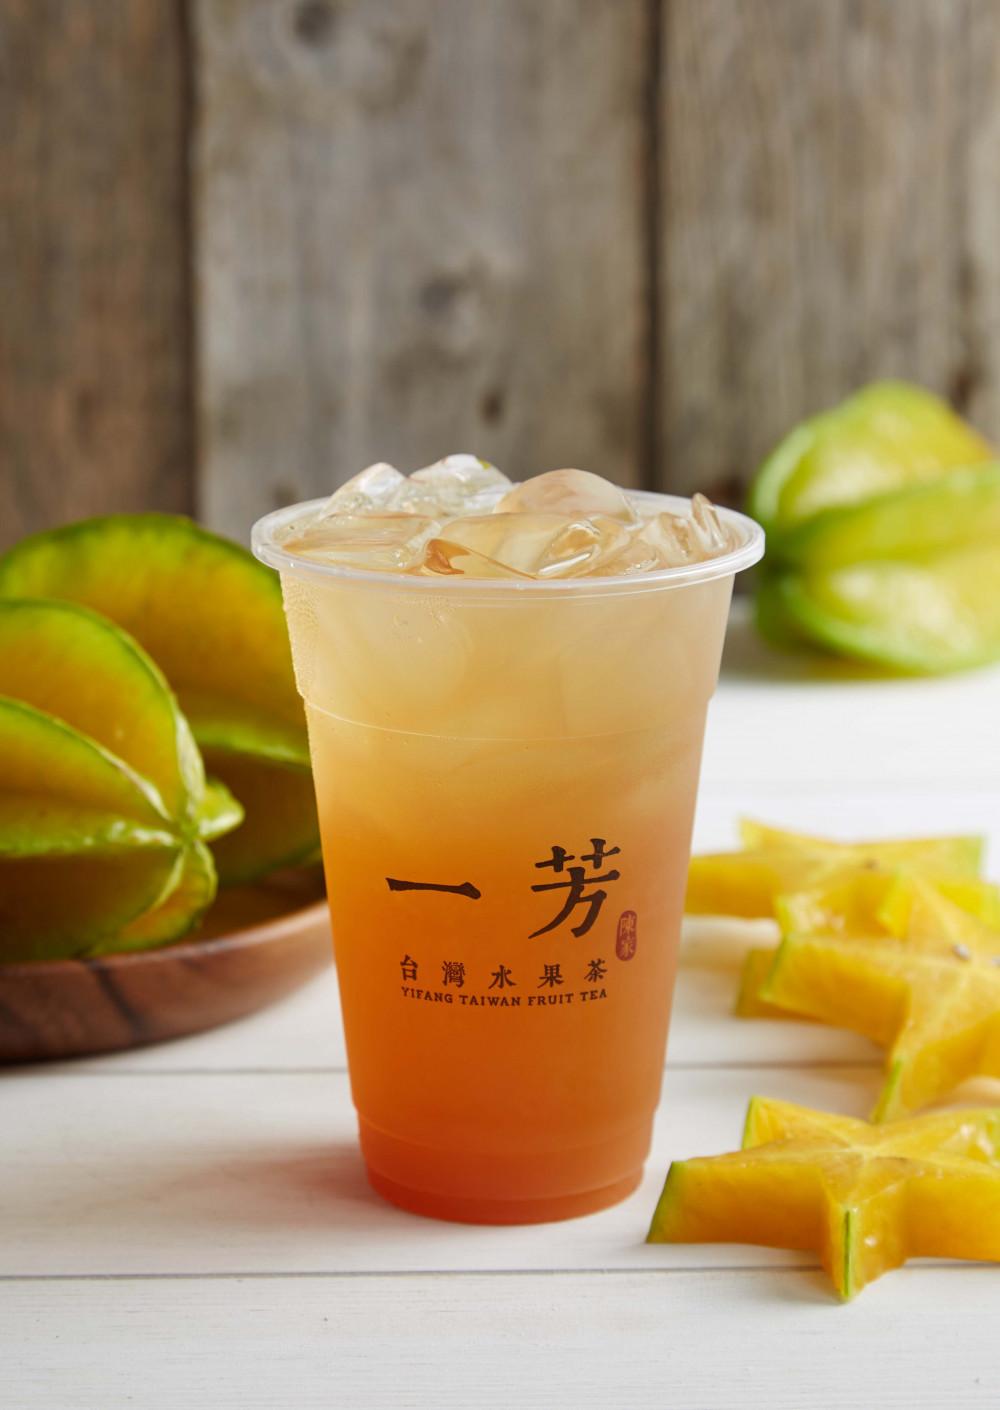 純釀楊桃汁(一芳水果茶)